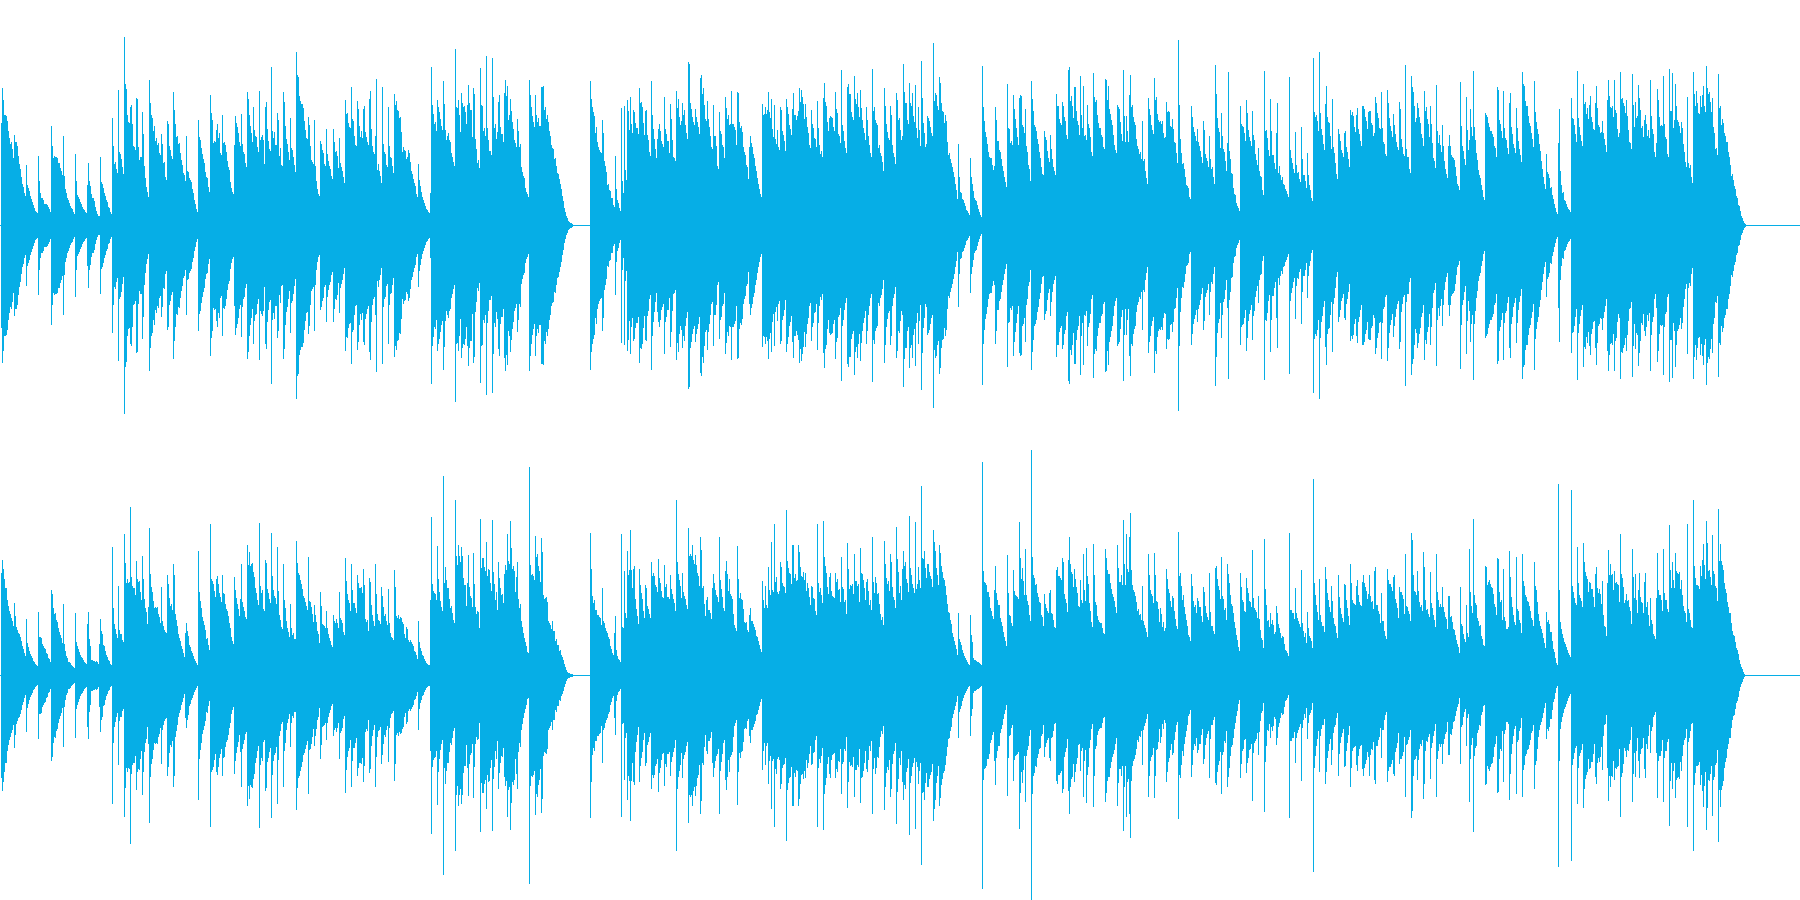 バッハ G線上のアリア オルゴールの再生済みの波形